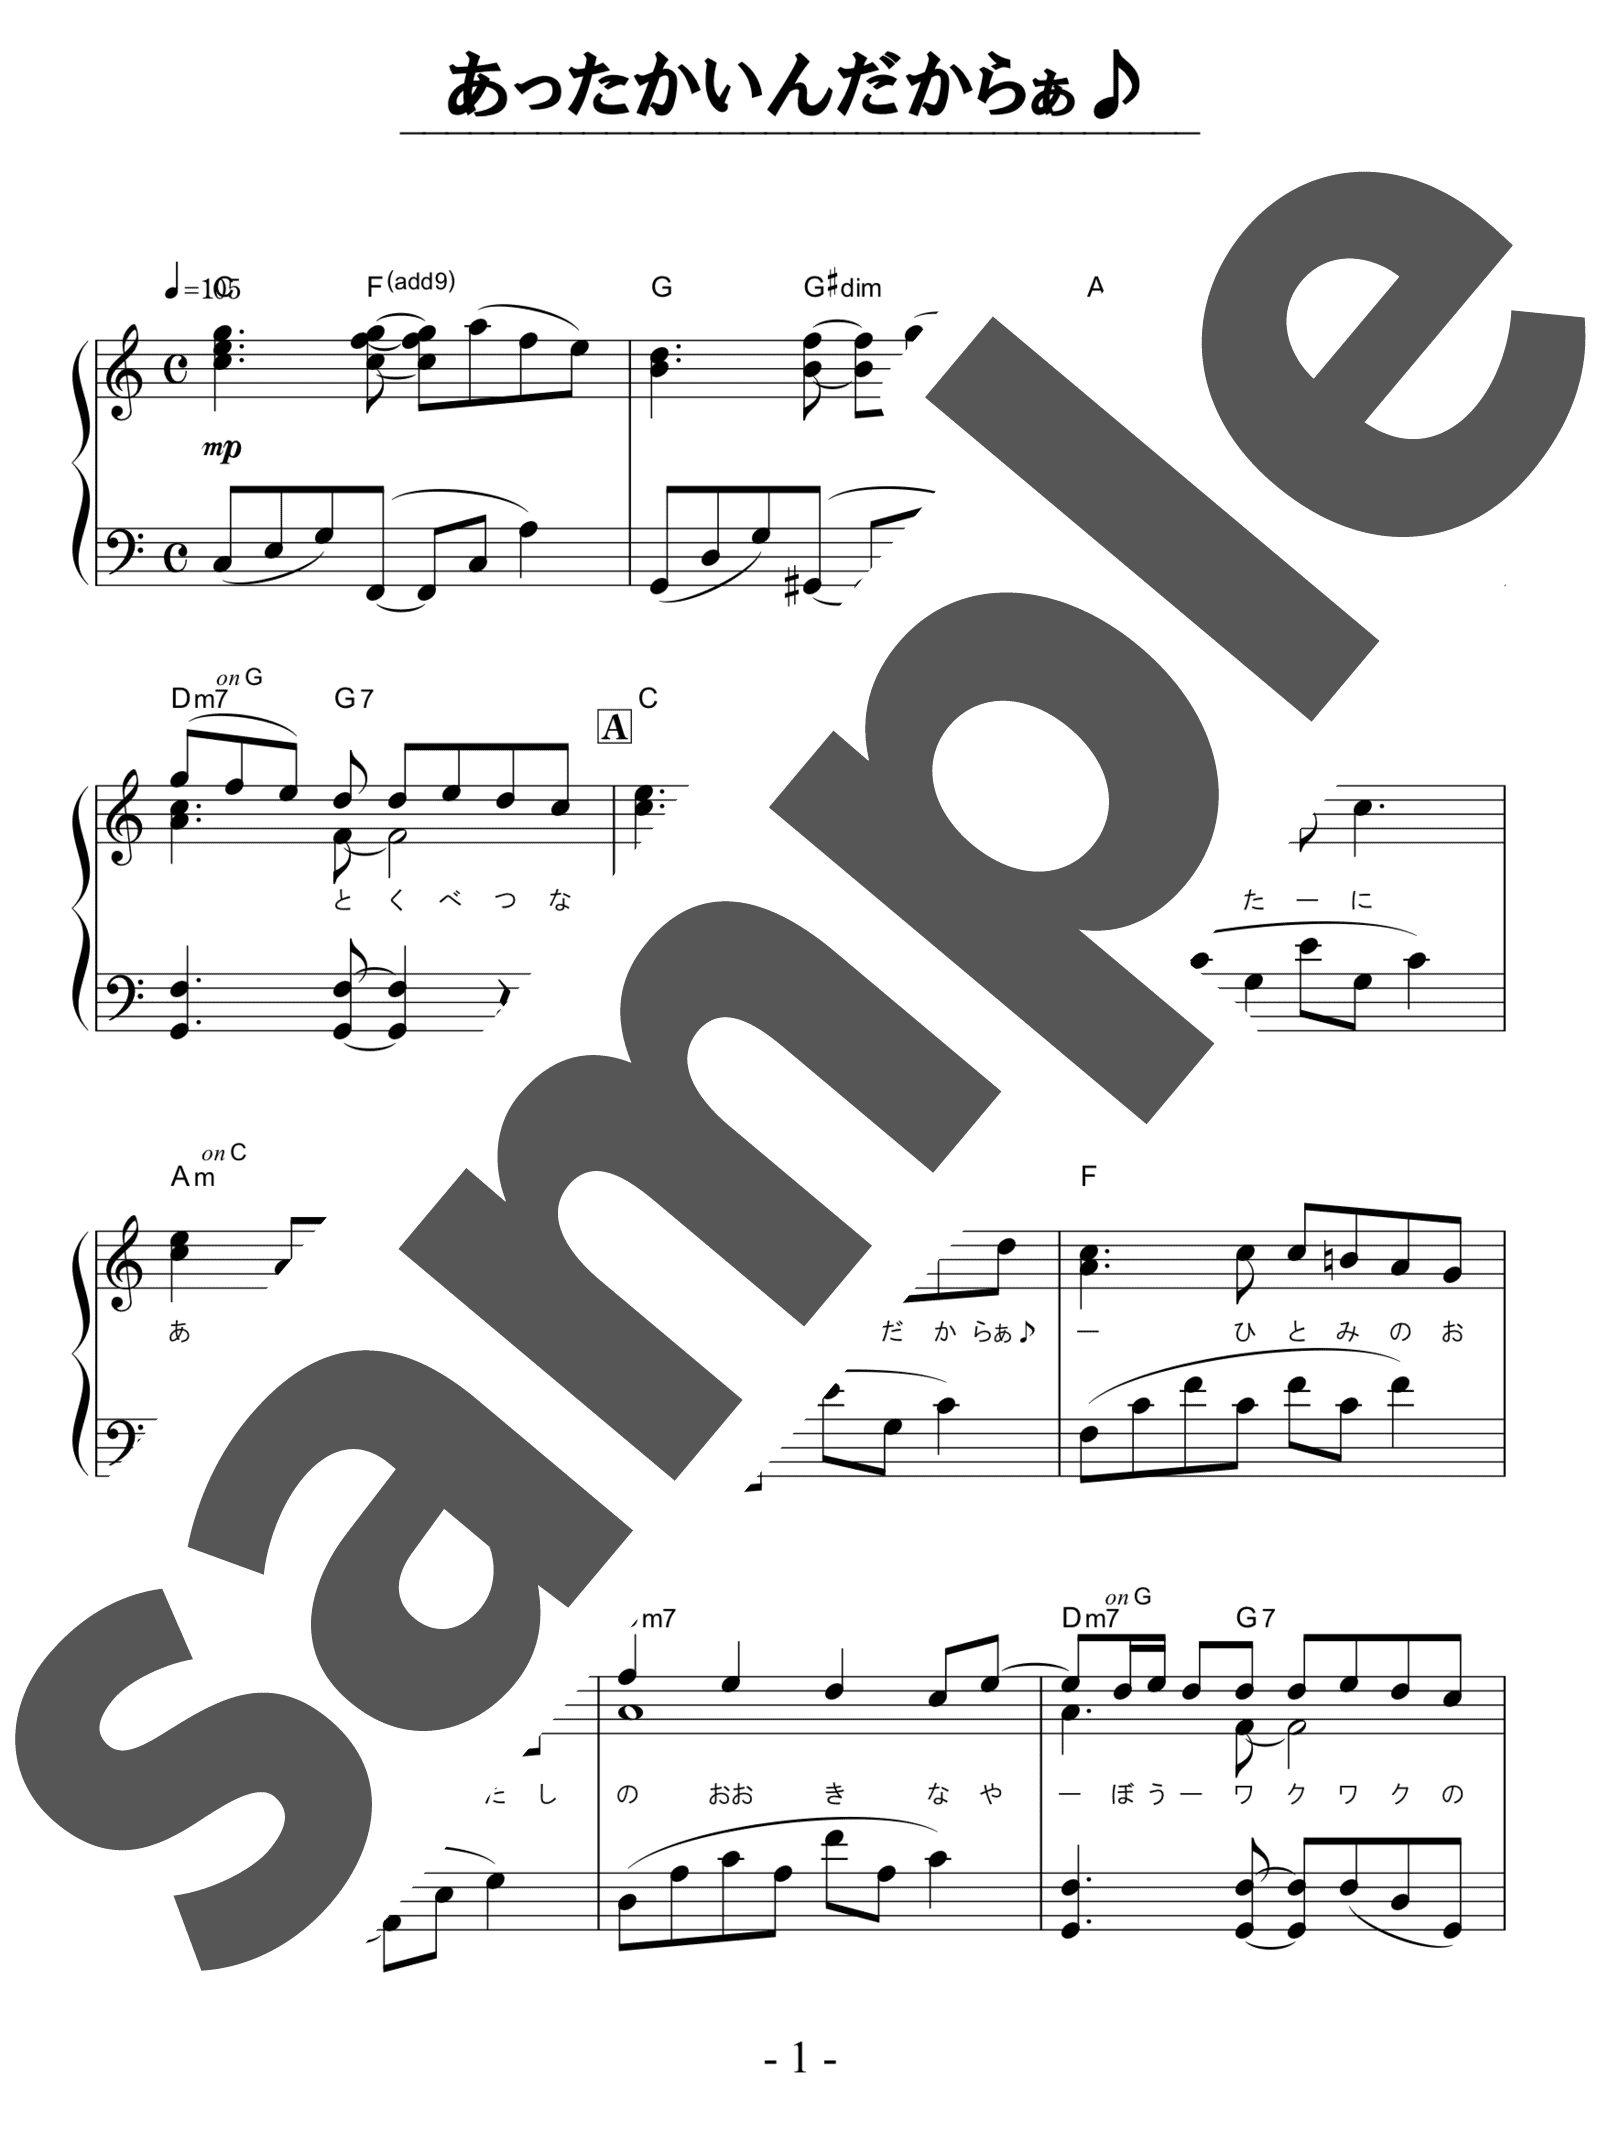 「あったかいんだからぁ♪」のサンプル楽譜